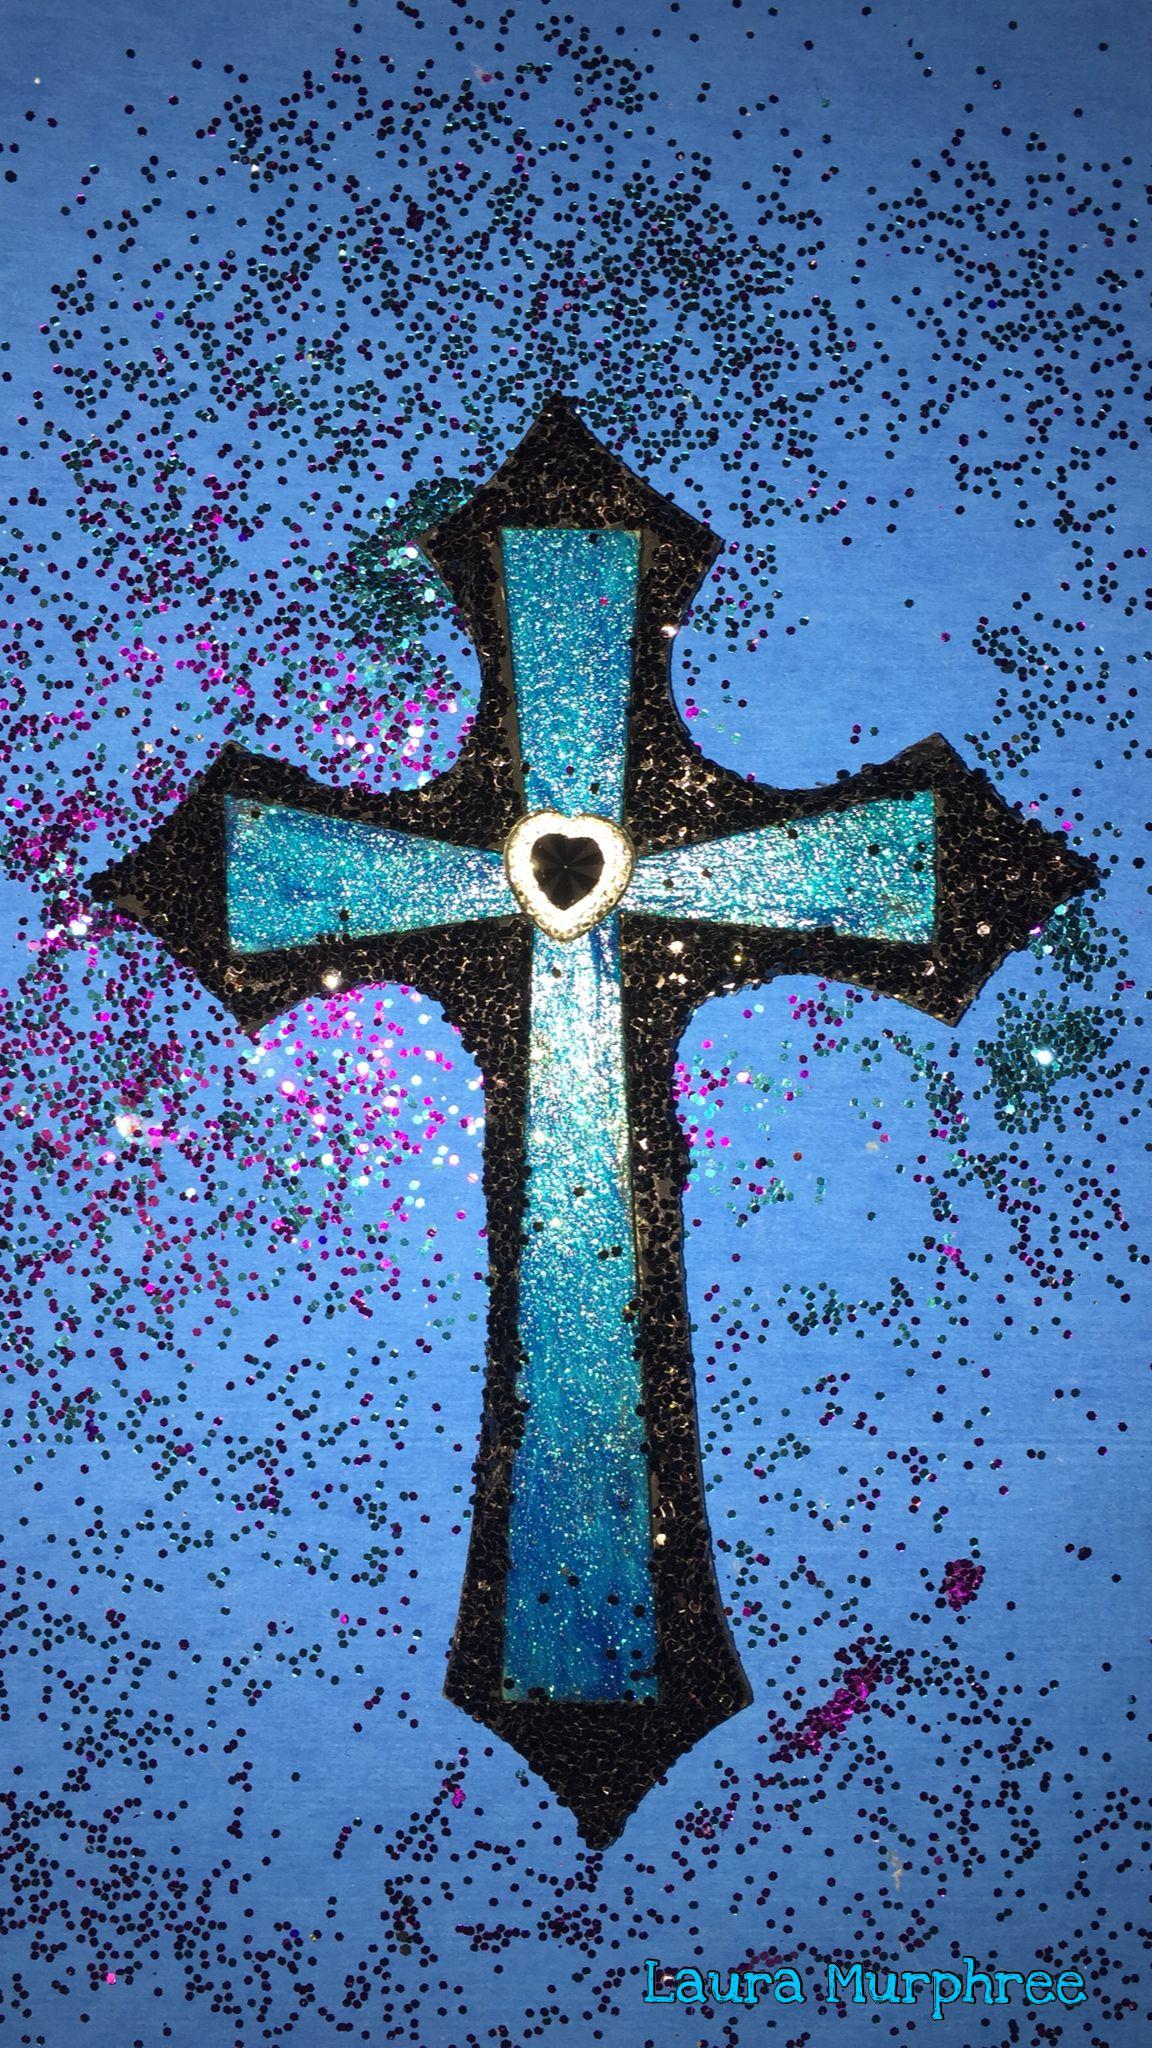 Glitter Cross Phone Wallpaper Sparkle Backgrounds Sparkling Glittery Pretty Girly Shimmer Cross Wallpaper Glitter Phone Wallpaper Jesus Wallpaper